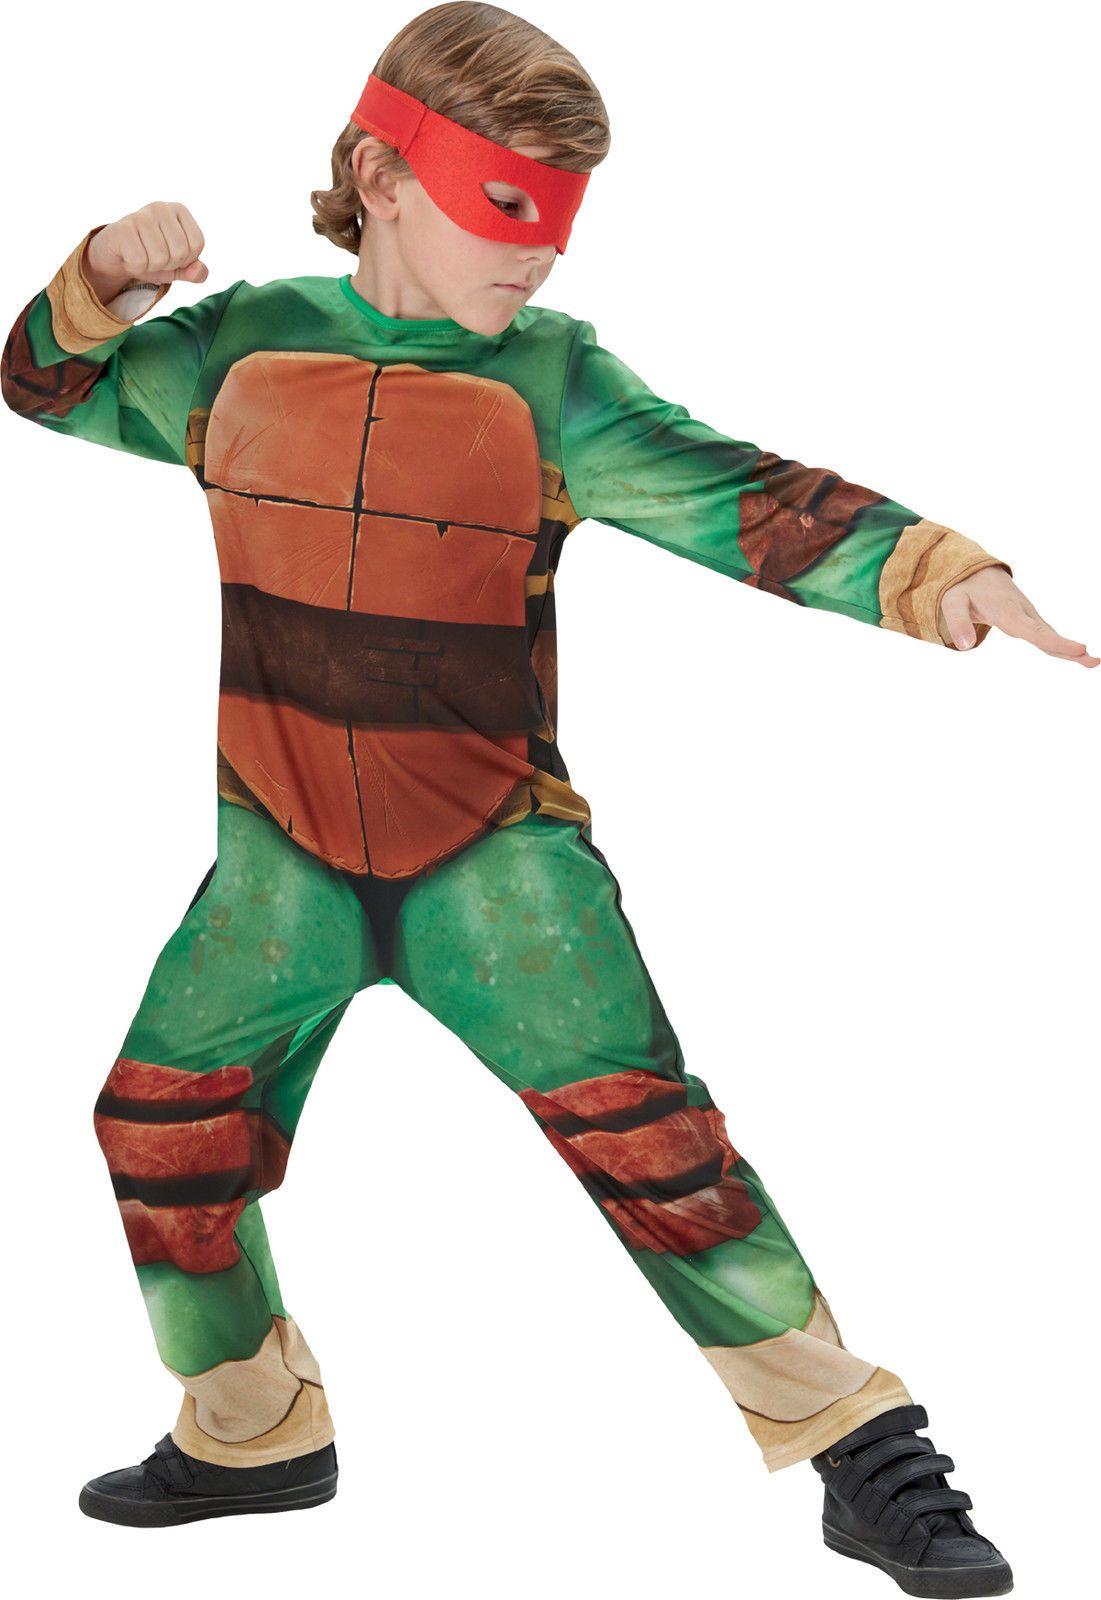 Age Mutant Ninja Turtle Costume For Kids - Best Kids Costumes